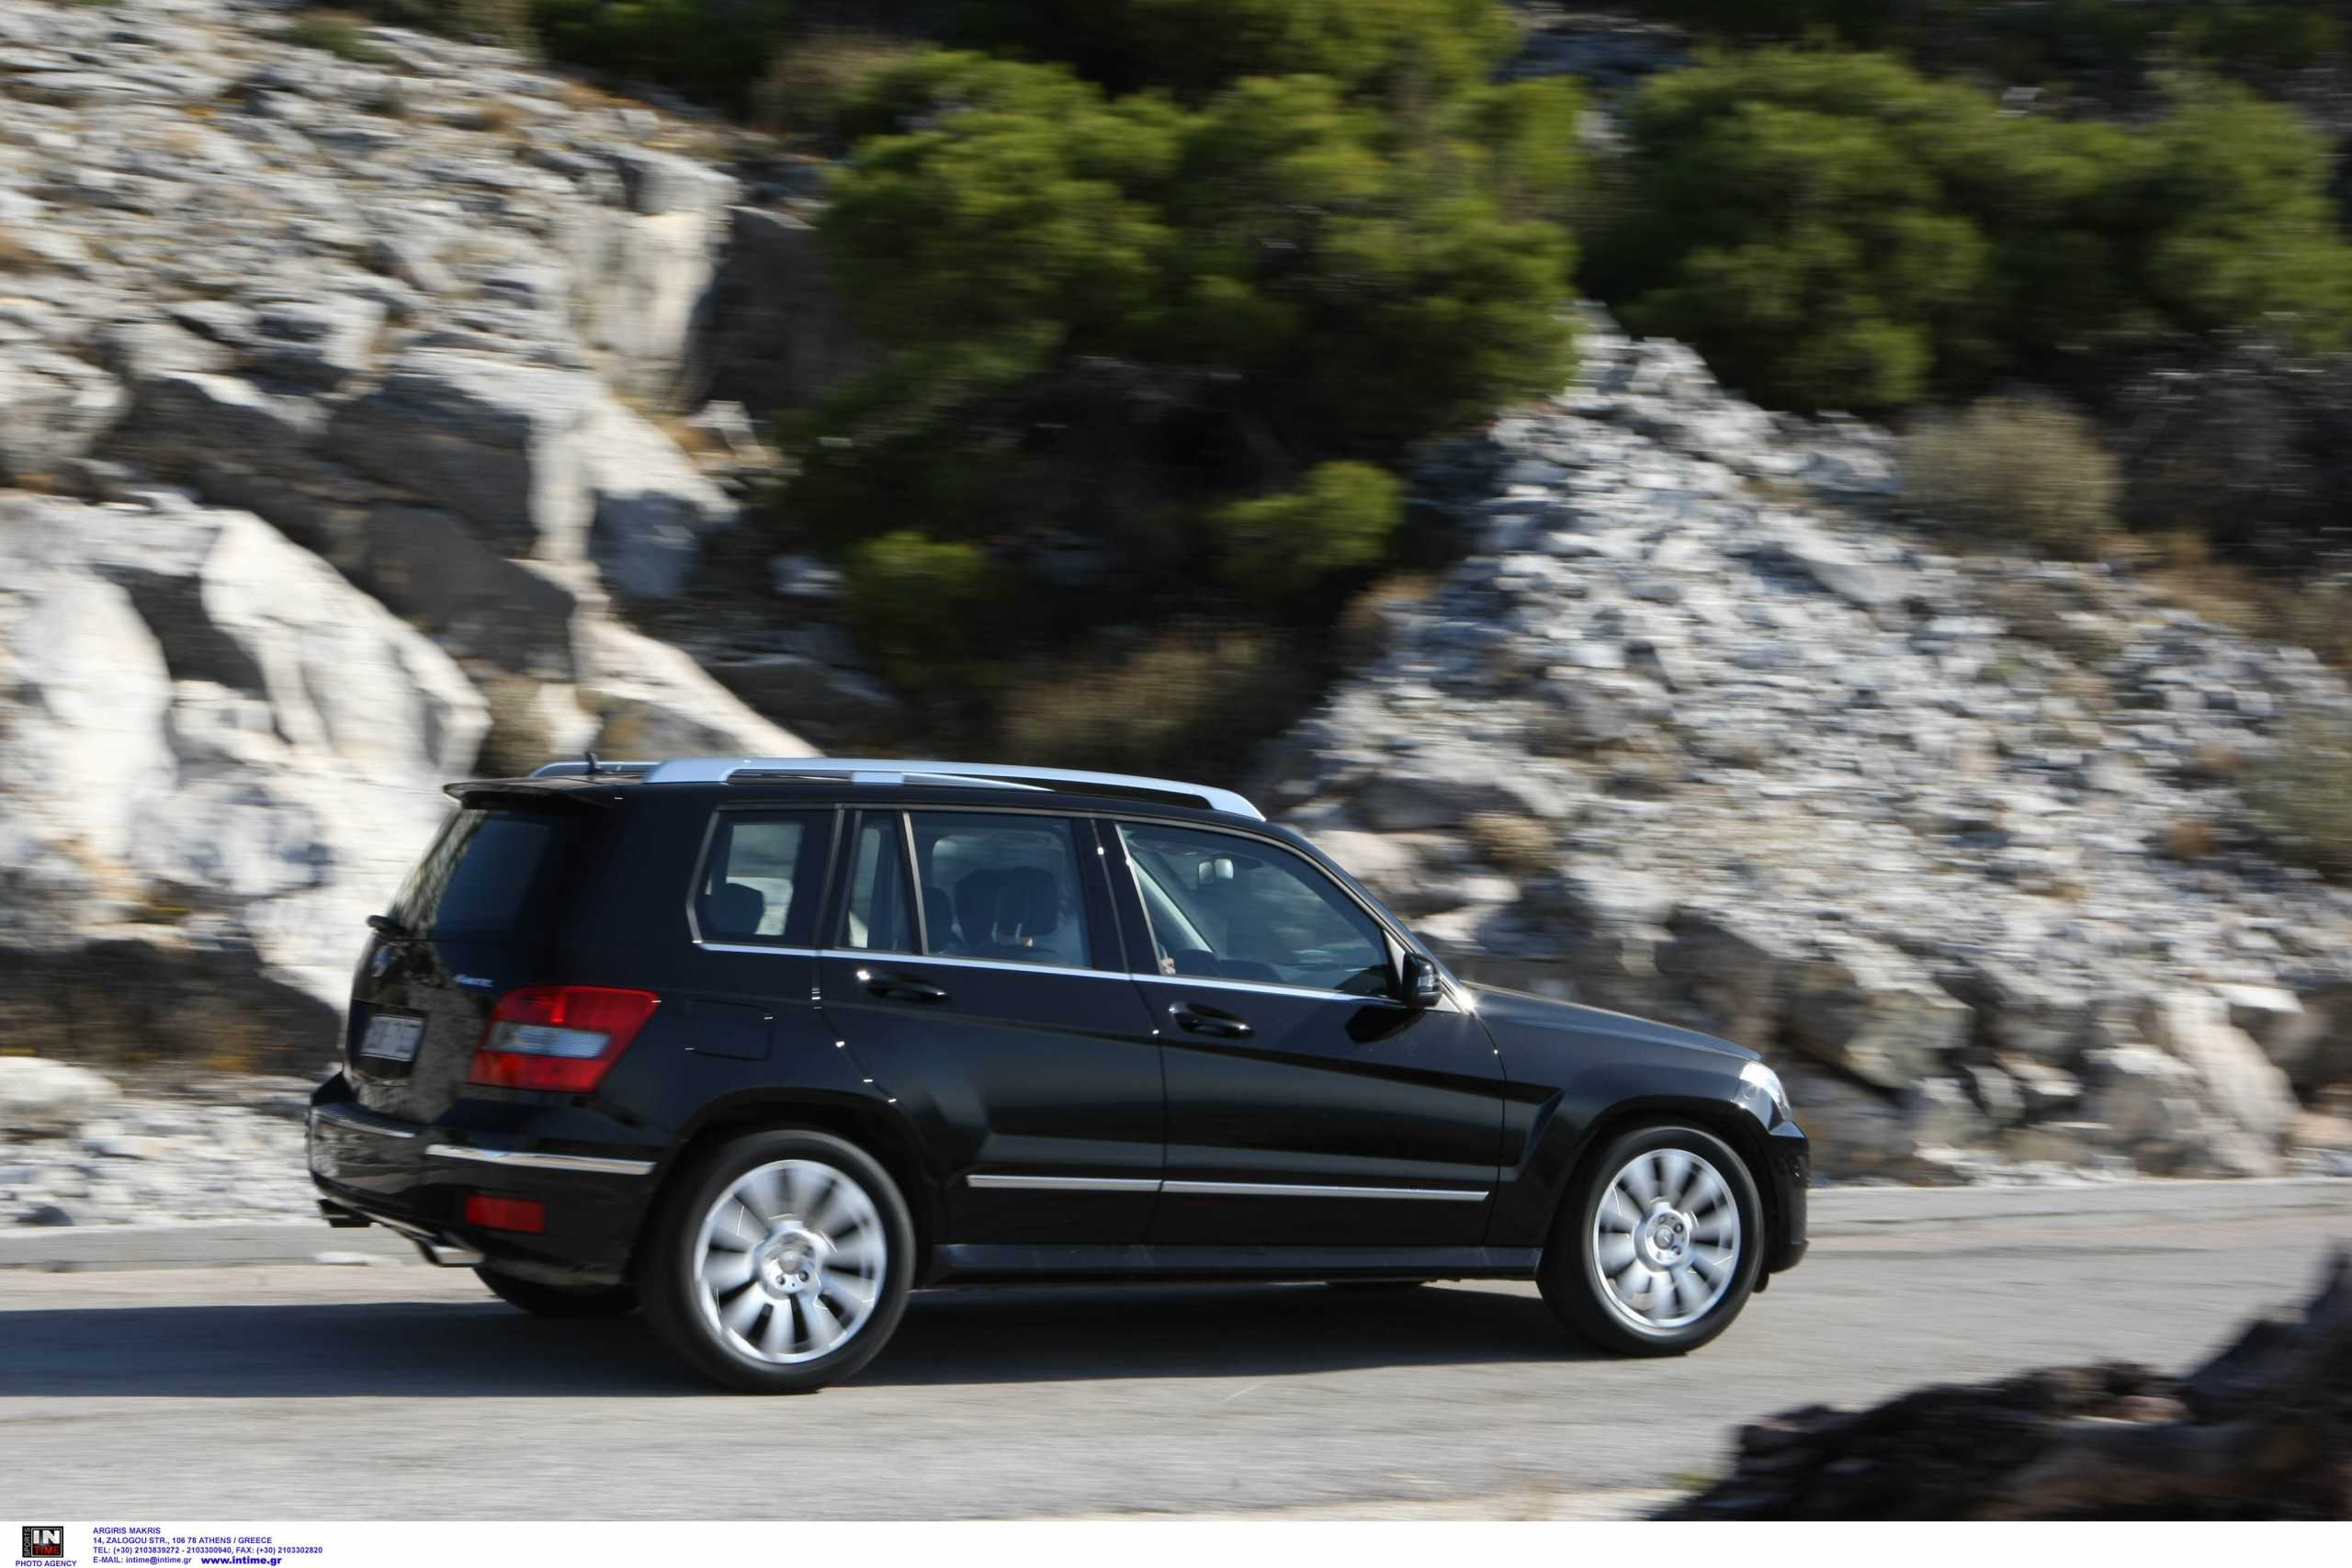 Έρευνα: Αυτά είναι τα αυτοκίνητα που διαλέγουν οι ηλικιωμένοι οδηγοί